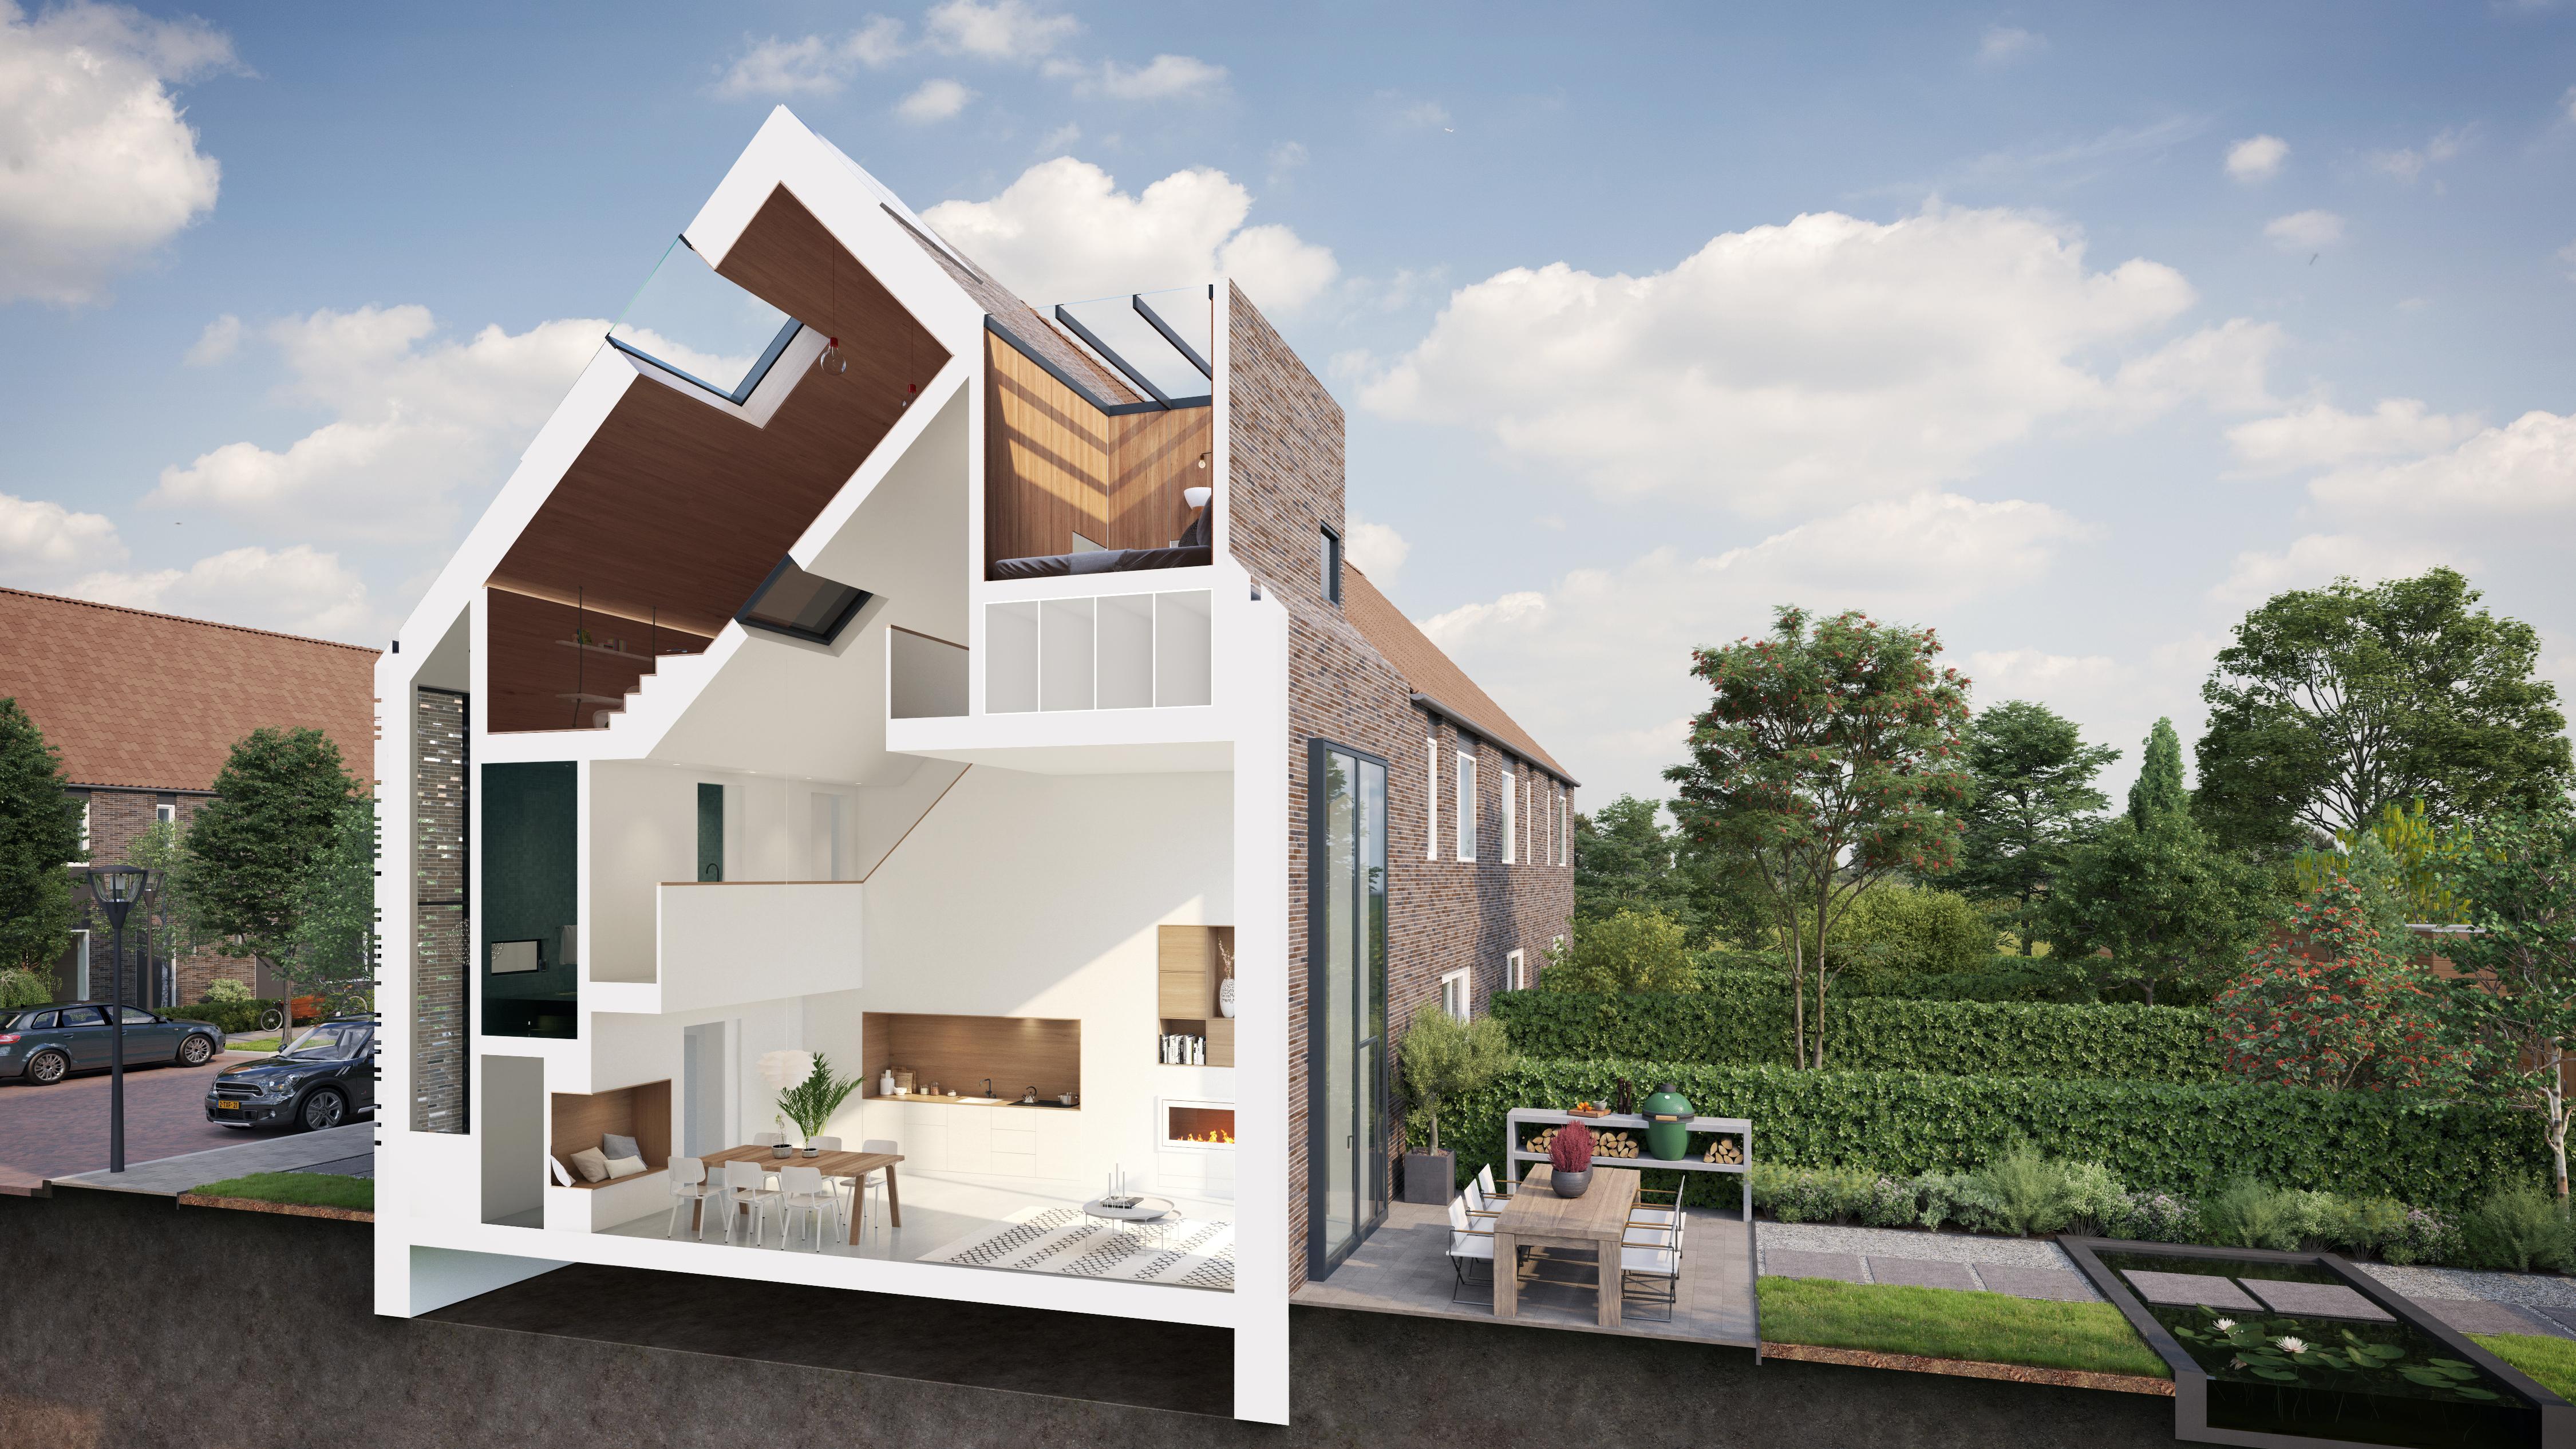 Blog Rijtjeshuis Tussen Droom En Daad De Architect